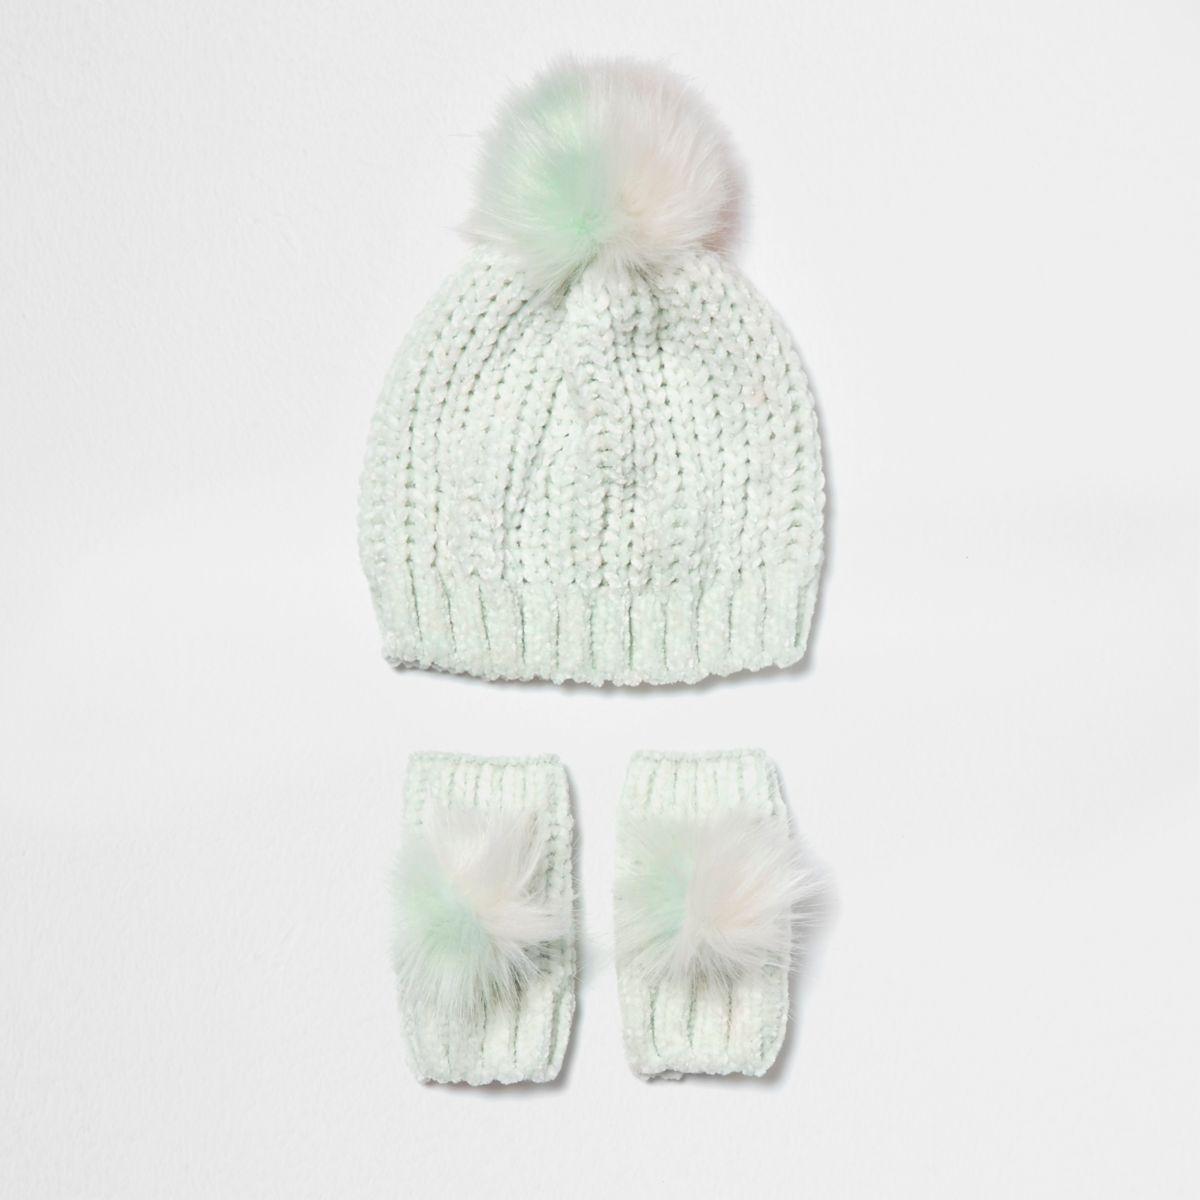 Mini – Grünes Set aus Chenille-Mütze und -Fausthandschuhen, für Mädchen